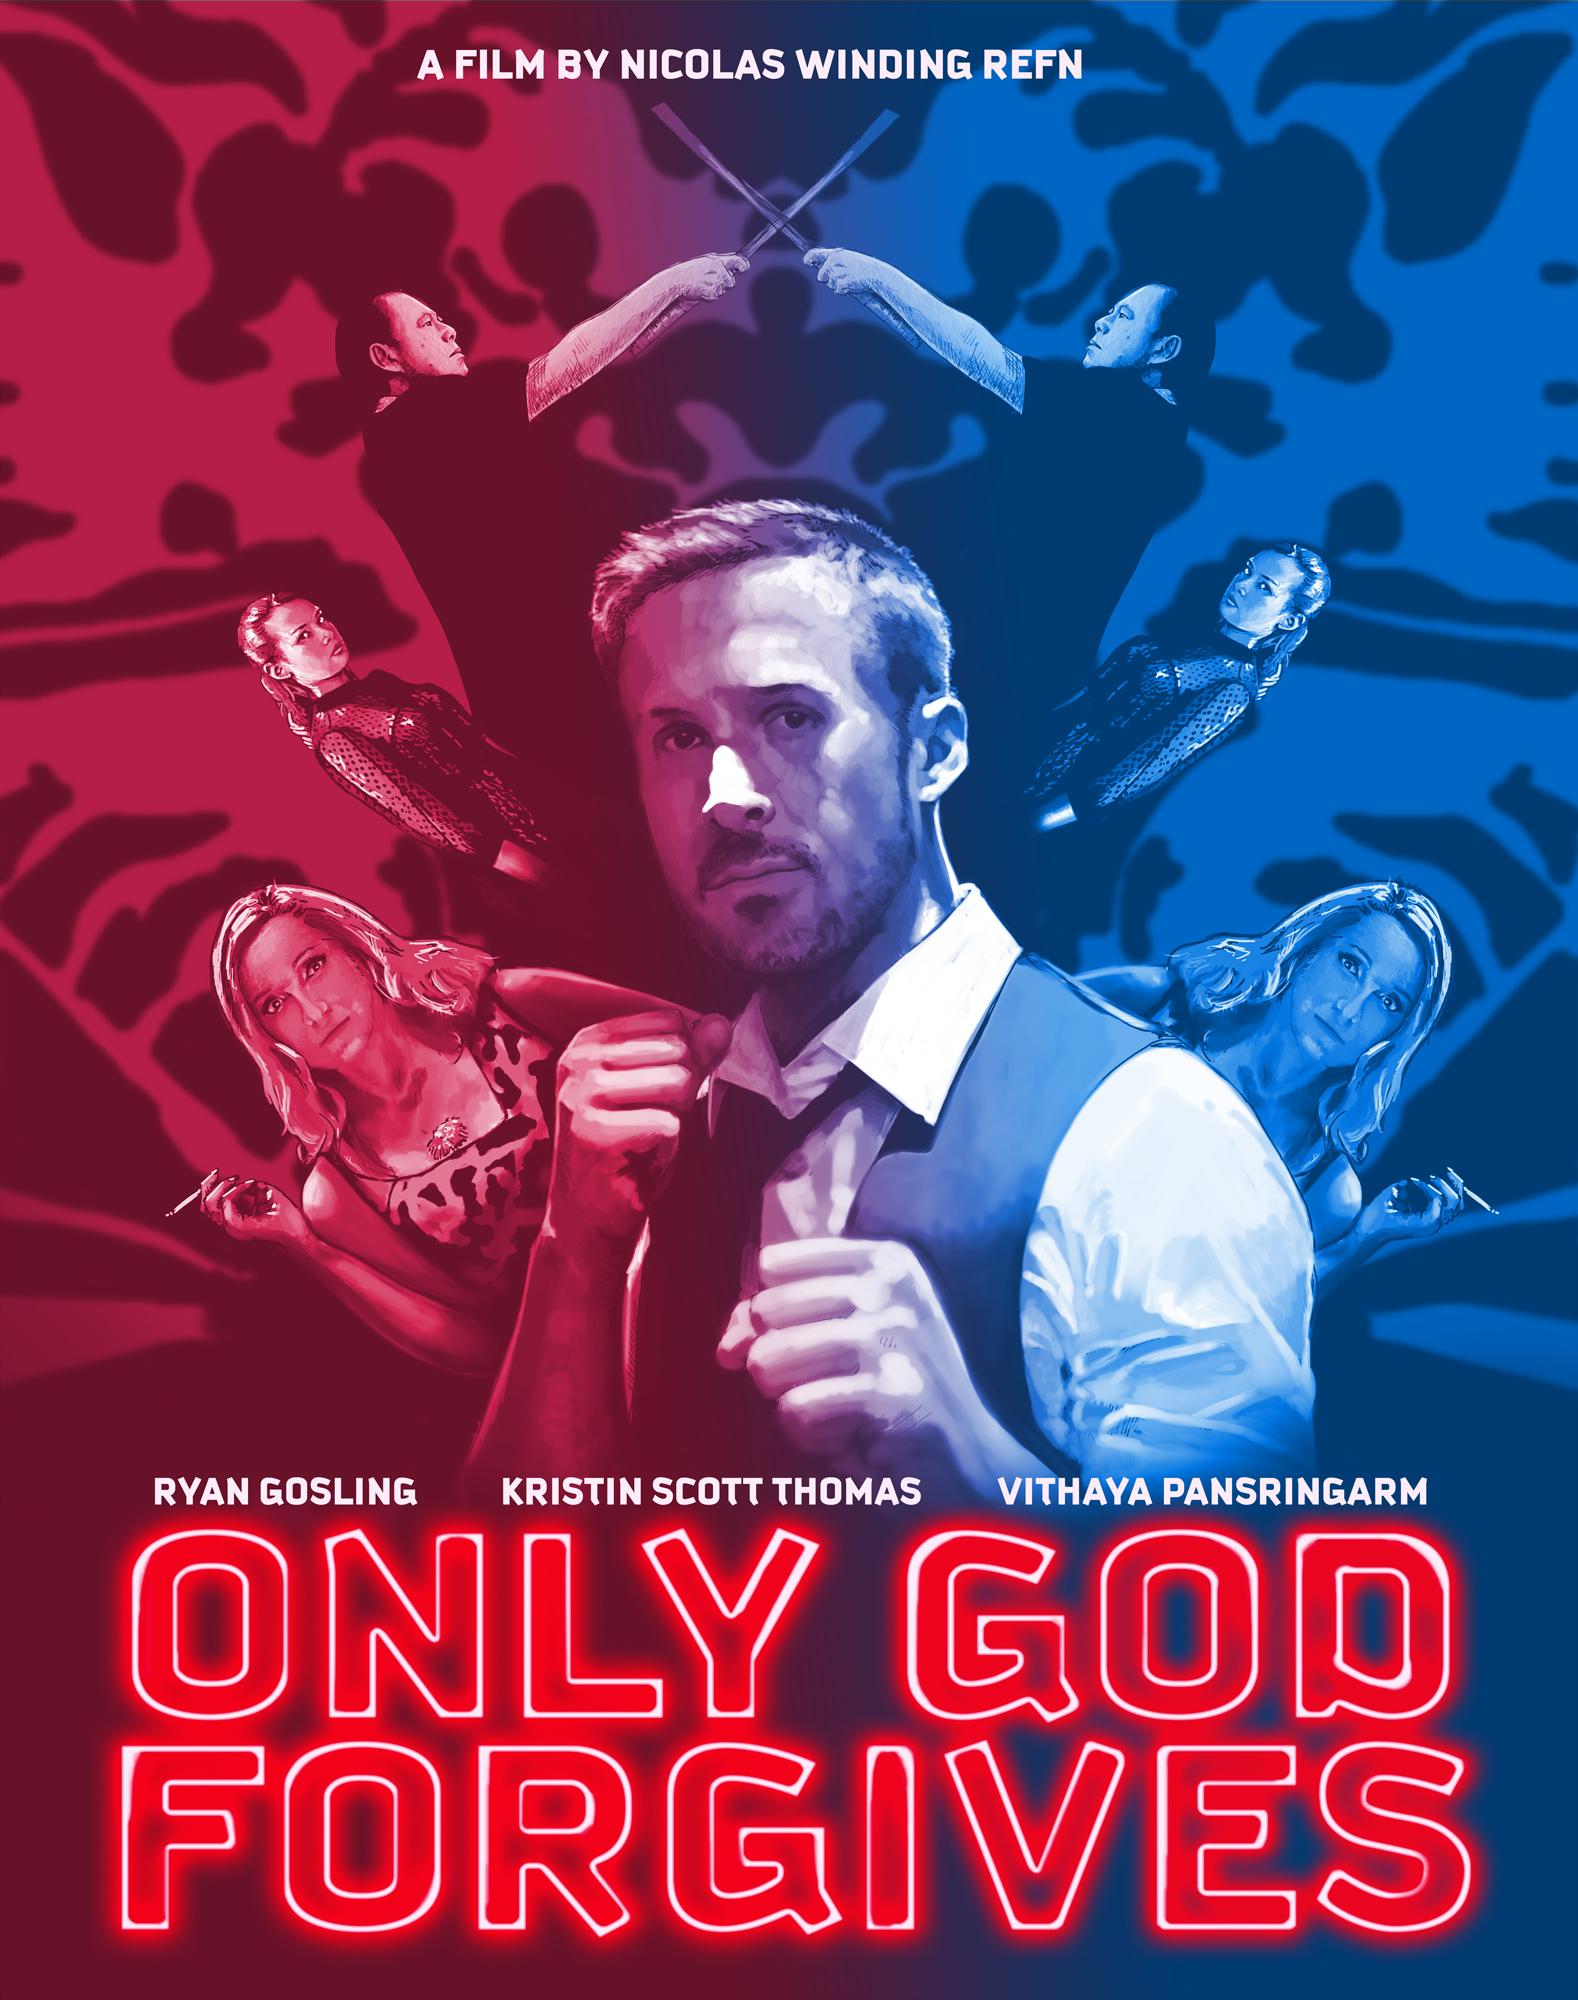 Only God Forgives Neon Poster Traffik Cone Design